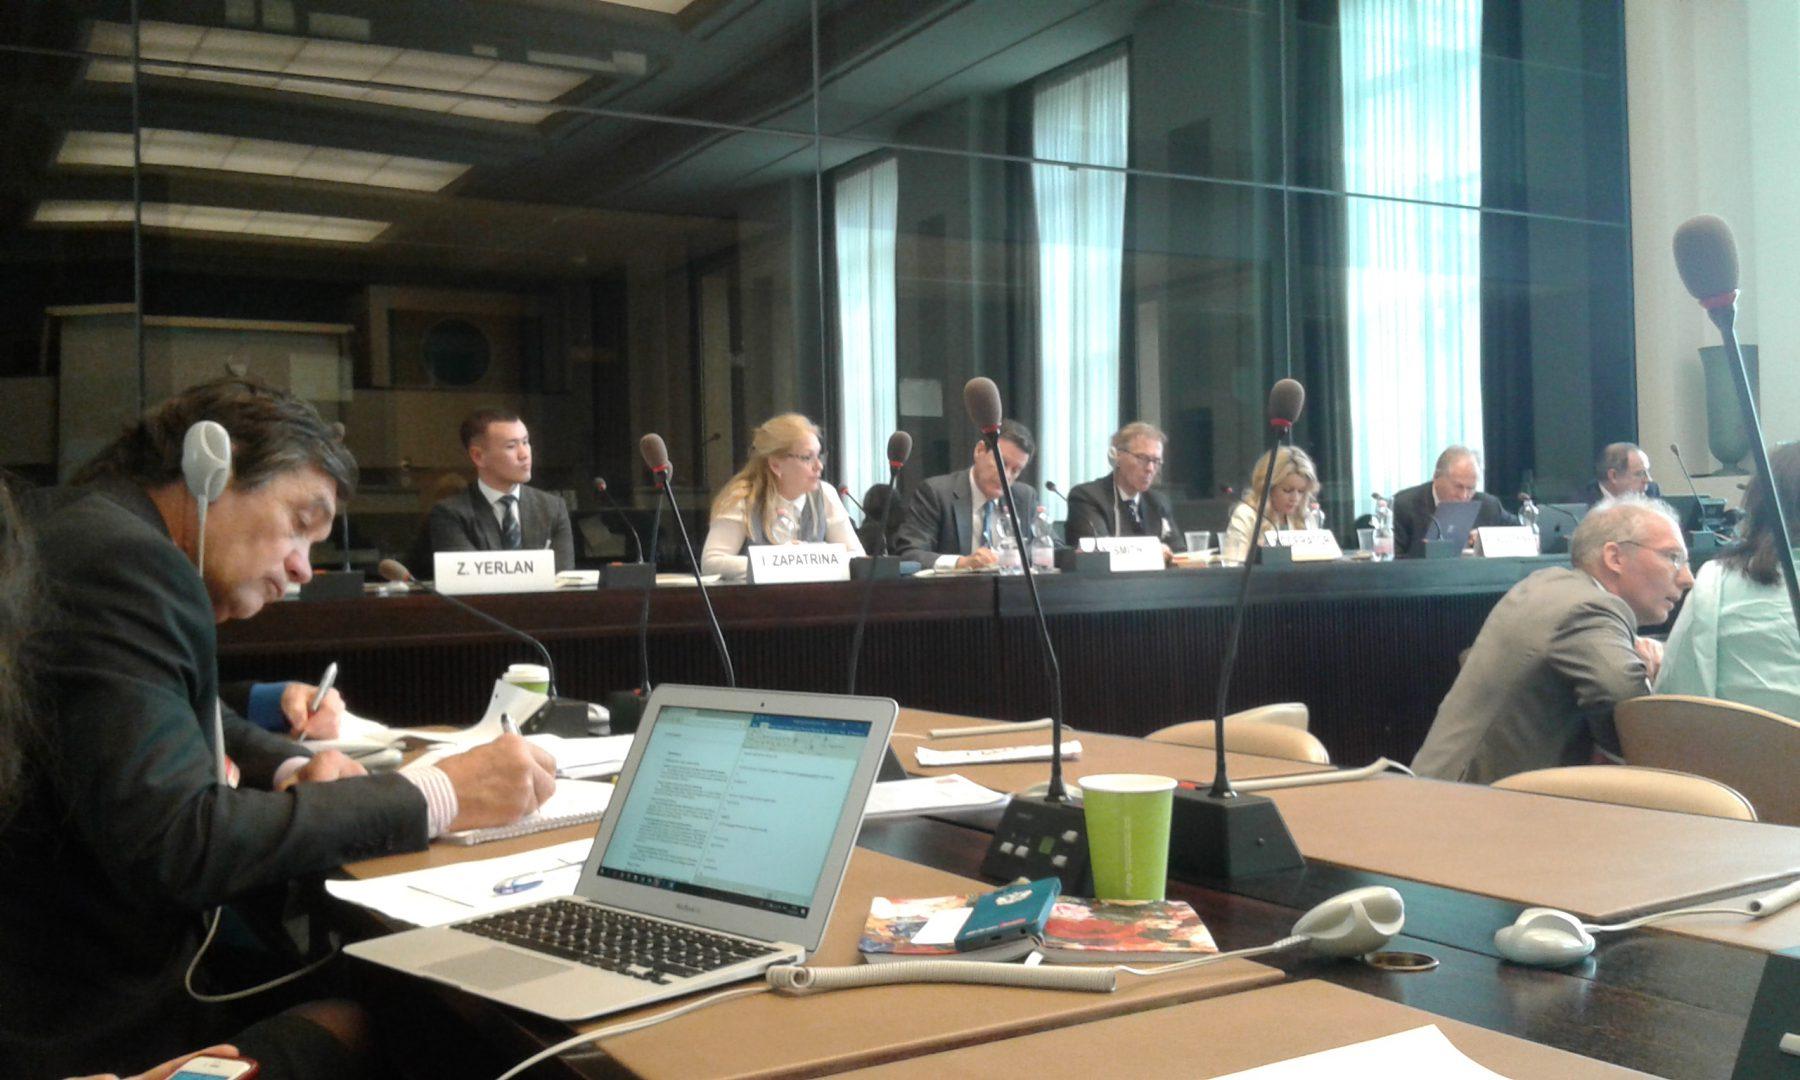 26 березня 2018 року у м. Женева (Швейцарія) відбулася Експертна зустріч з питань ППП, орієнтованих на людину (People-first PPPs): Виклики та заходи в контексті Цілей сталого розвитку ООН, організована Центром компетенції з питань ППП при ЄЕК ООН